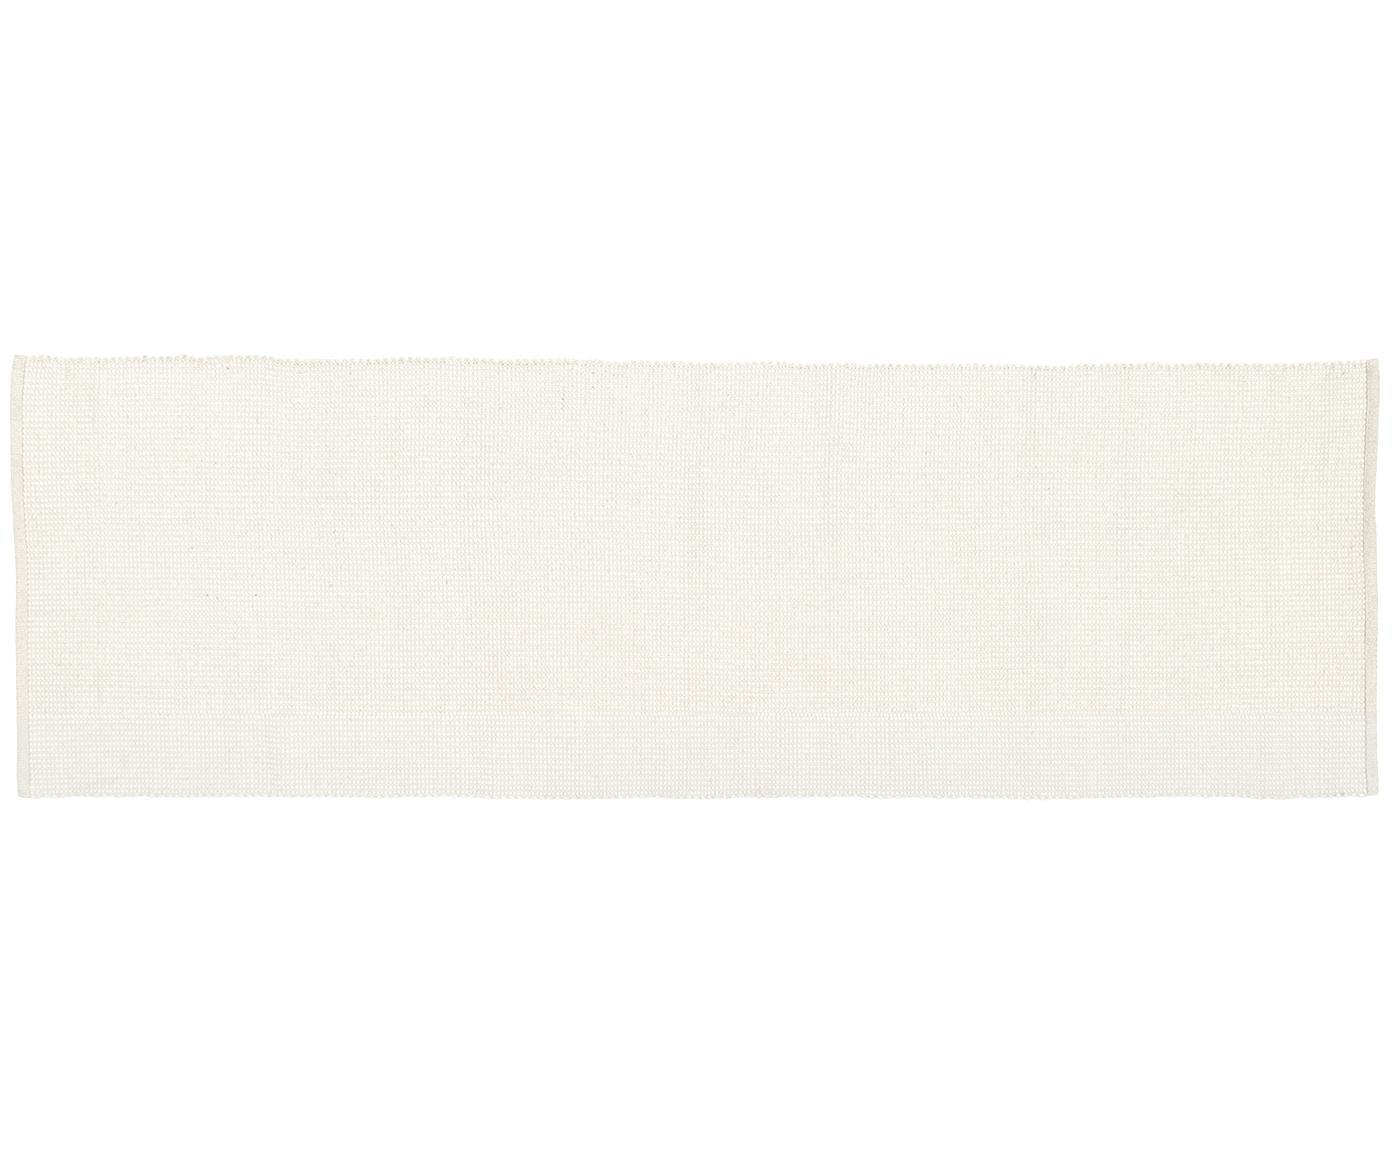 Handgewebter Wollläufer Amaro in Creme, 38% Wolle, 22% Polyester, 20% Baumwolle, 20% Polyamid, Cremeweiss, 80 x 250 cm